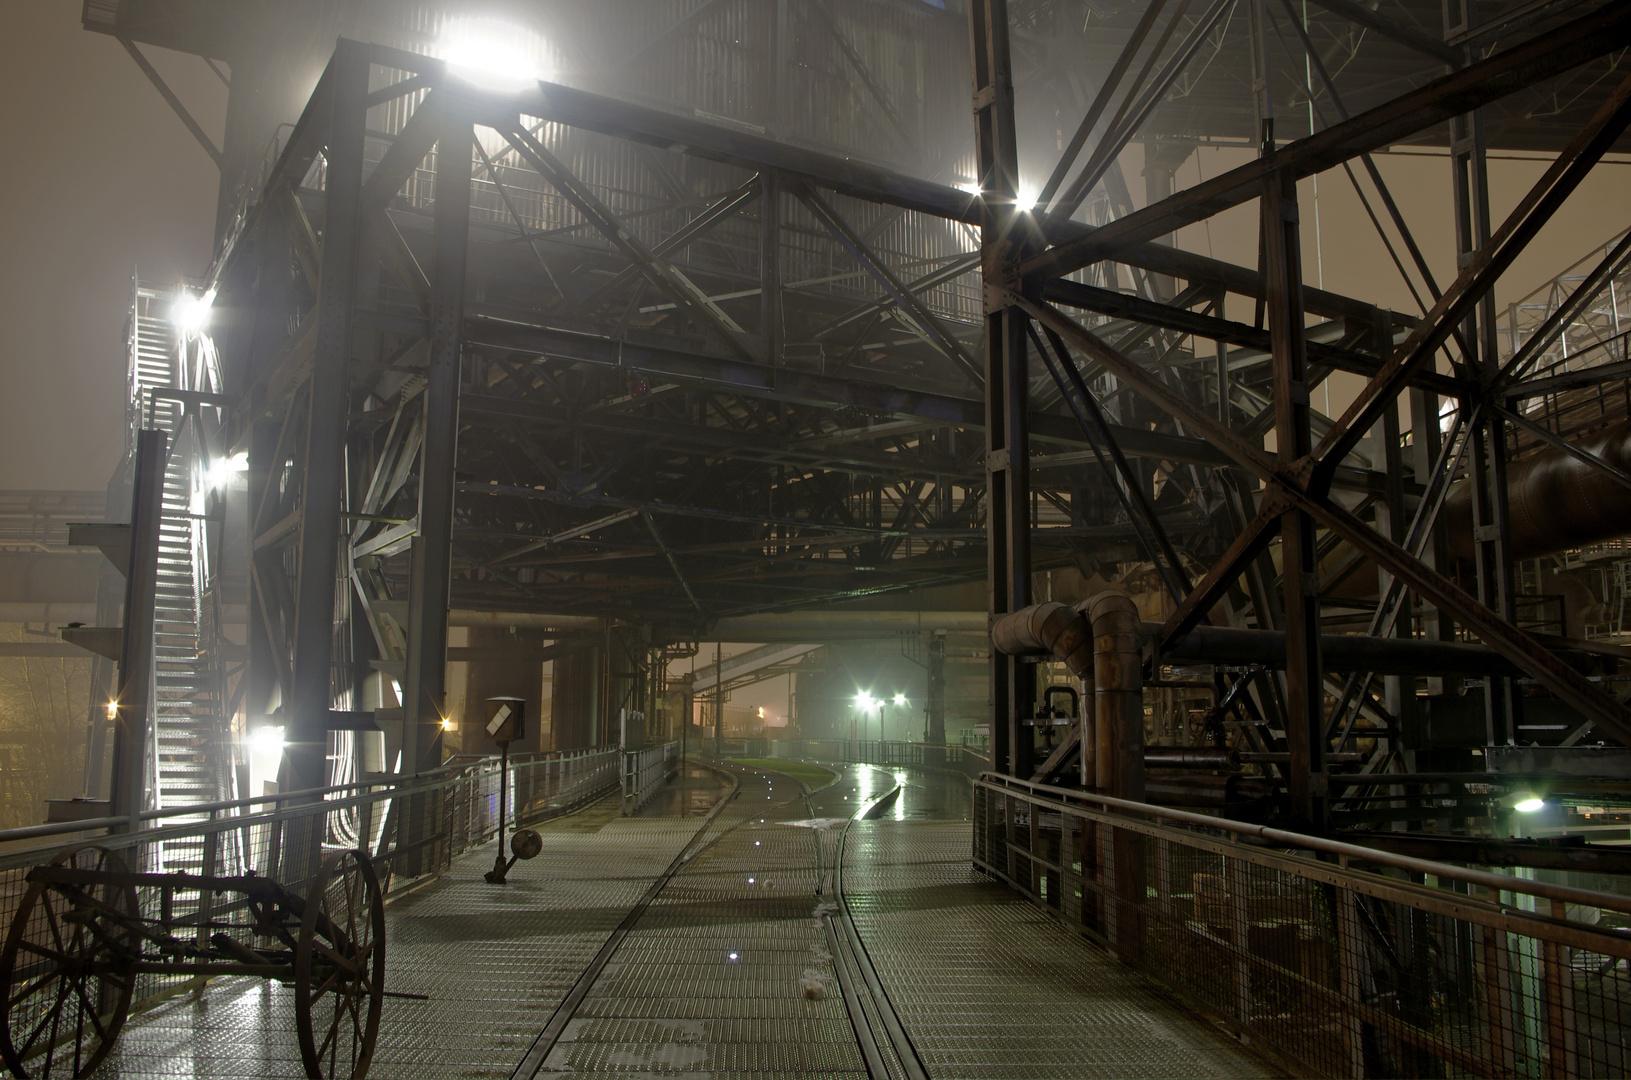 Weltkulturerbe Völklingen bei Nacht und Nebel